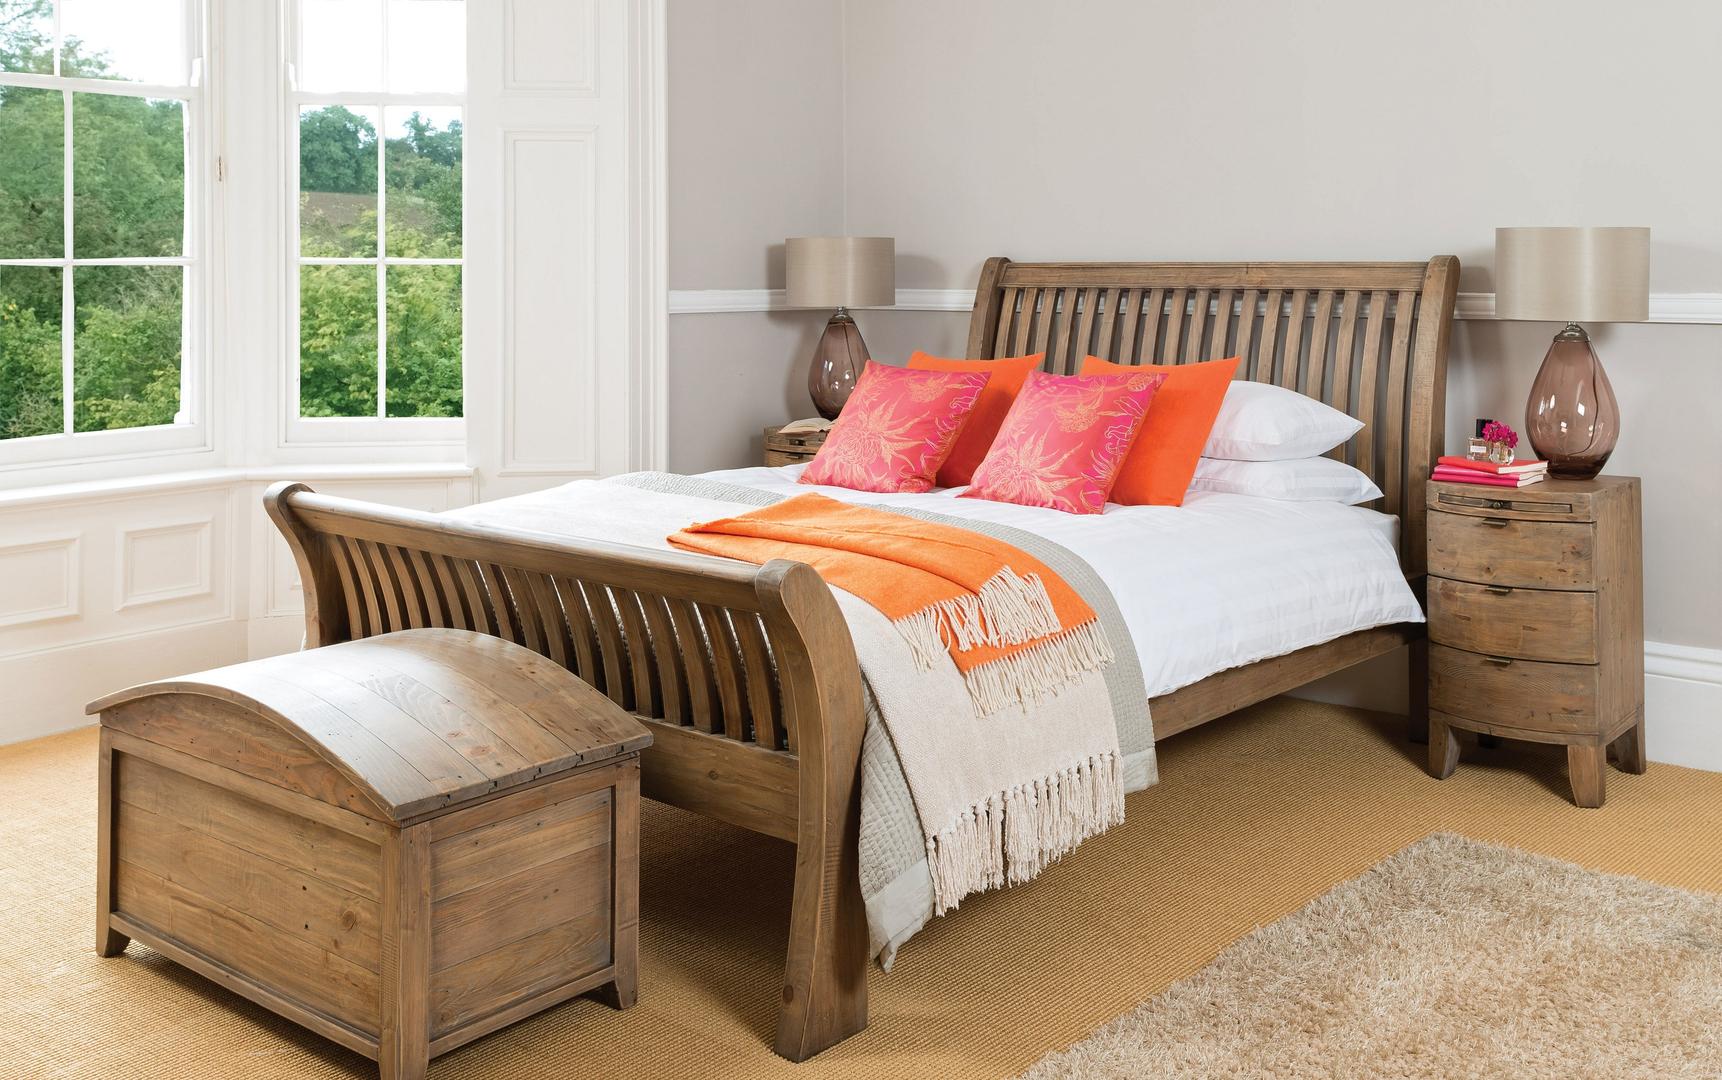 Hamilton Bedroom Furniture The Furniture Quarter Limited Bespoke Furniture Living Dining